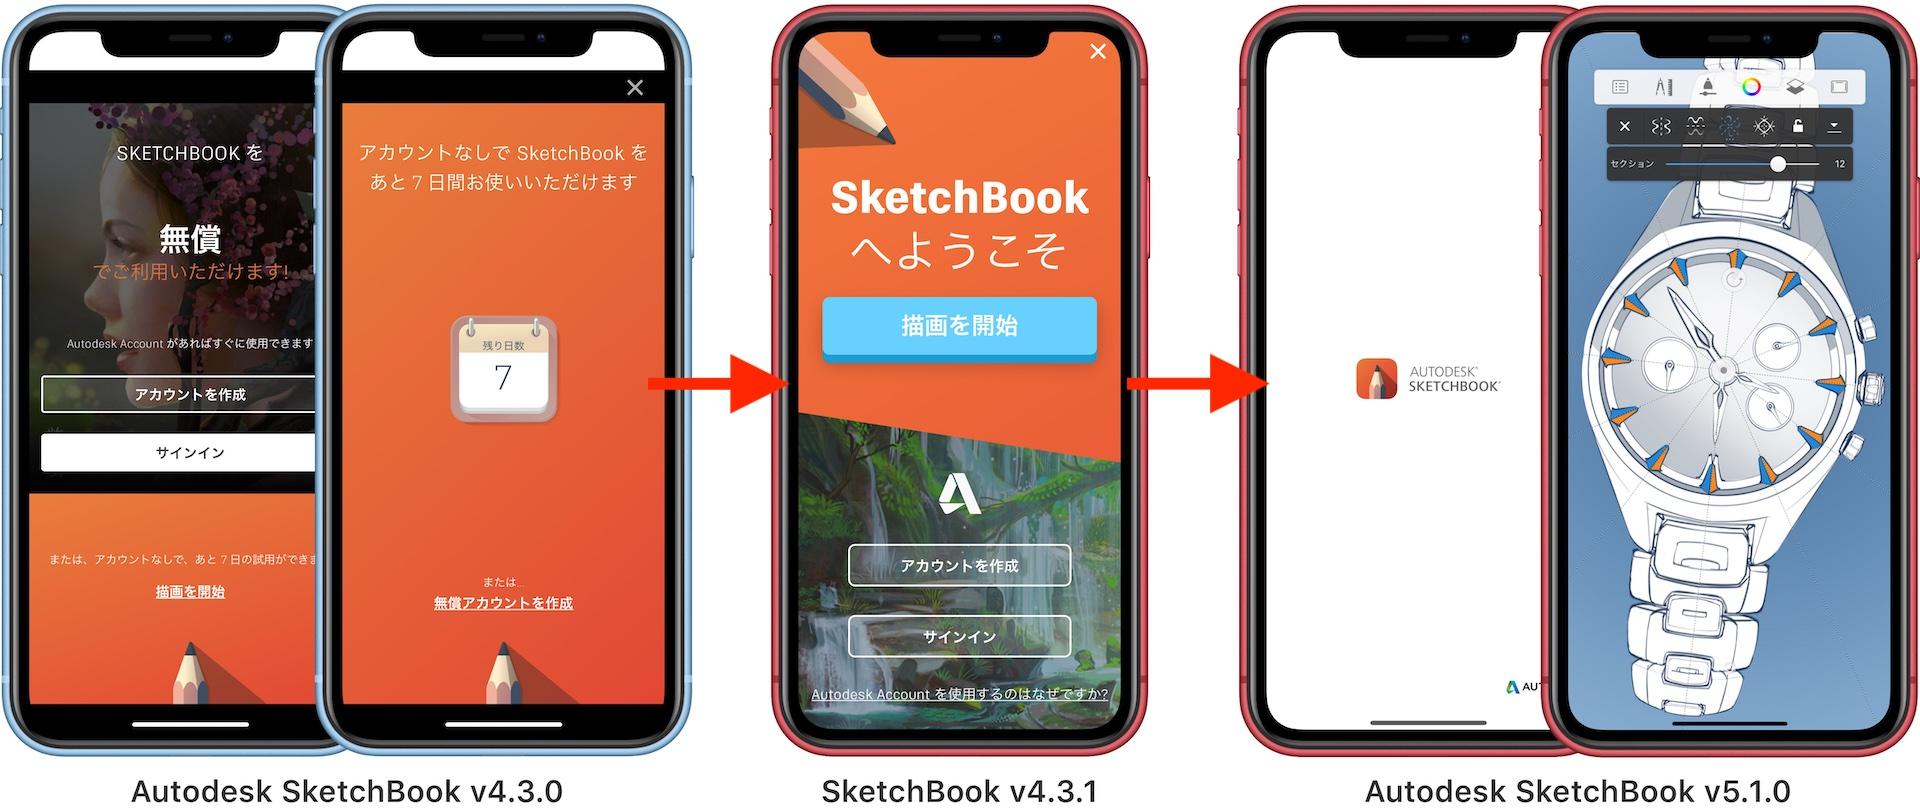 Autodesk SketchBook スプラッシュ画面